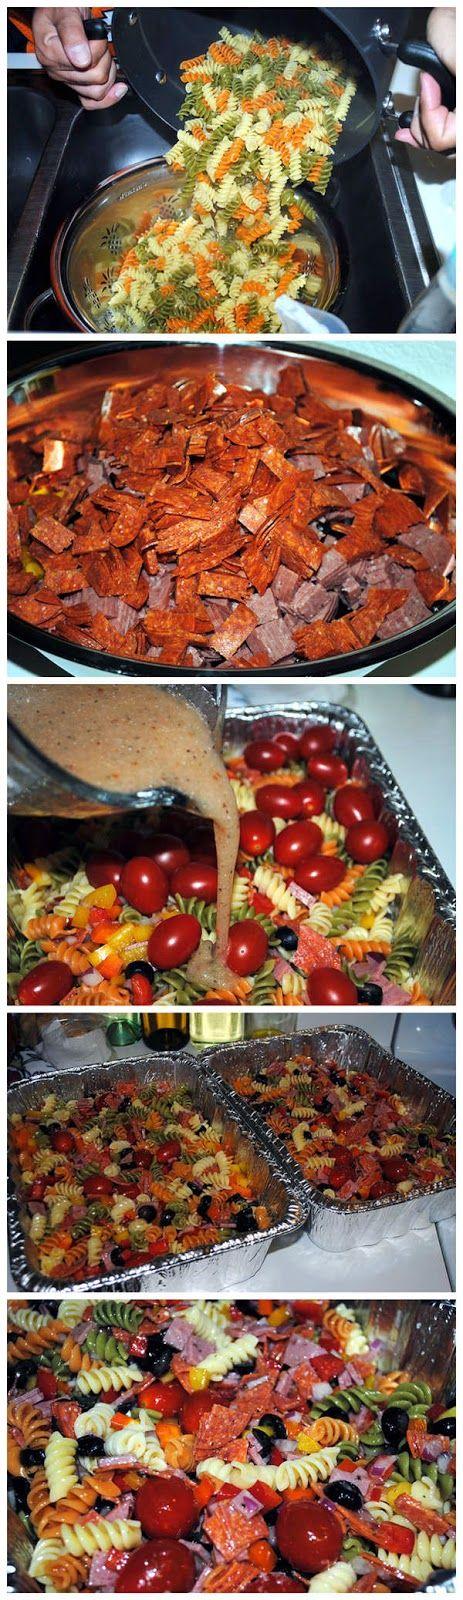 Pasta Salad                                                                                                                                                                                 More